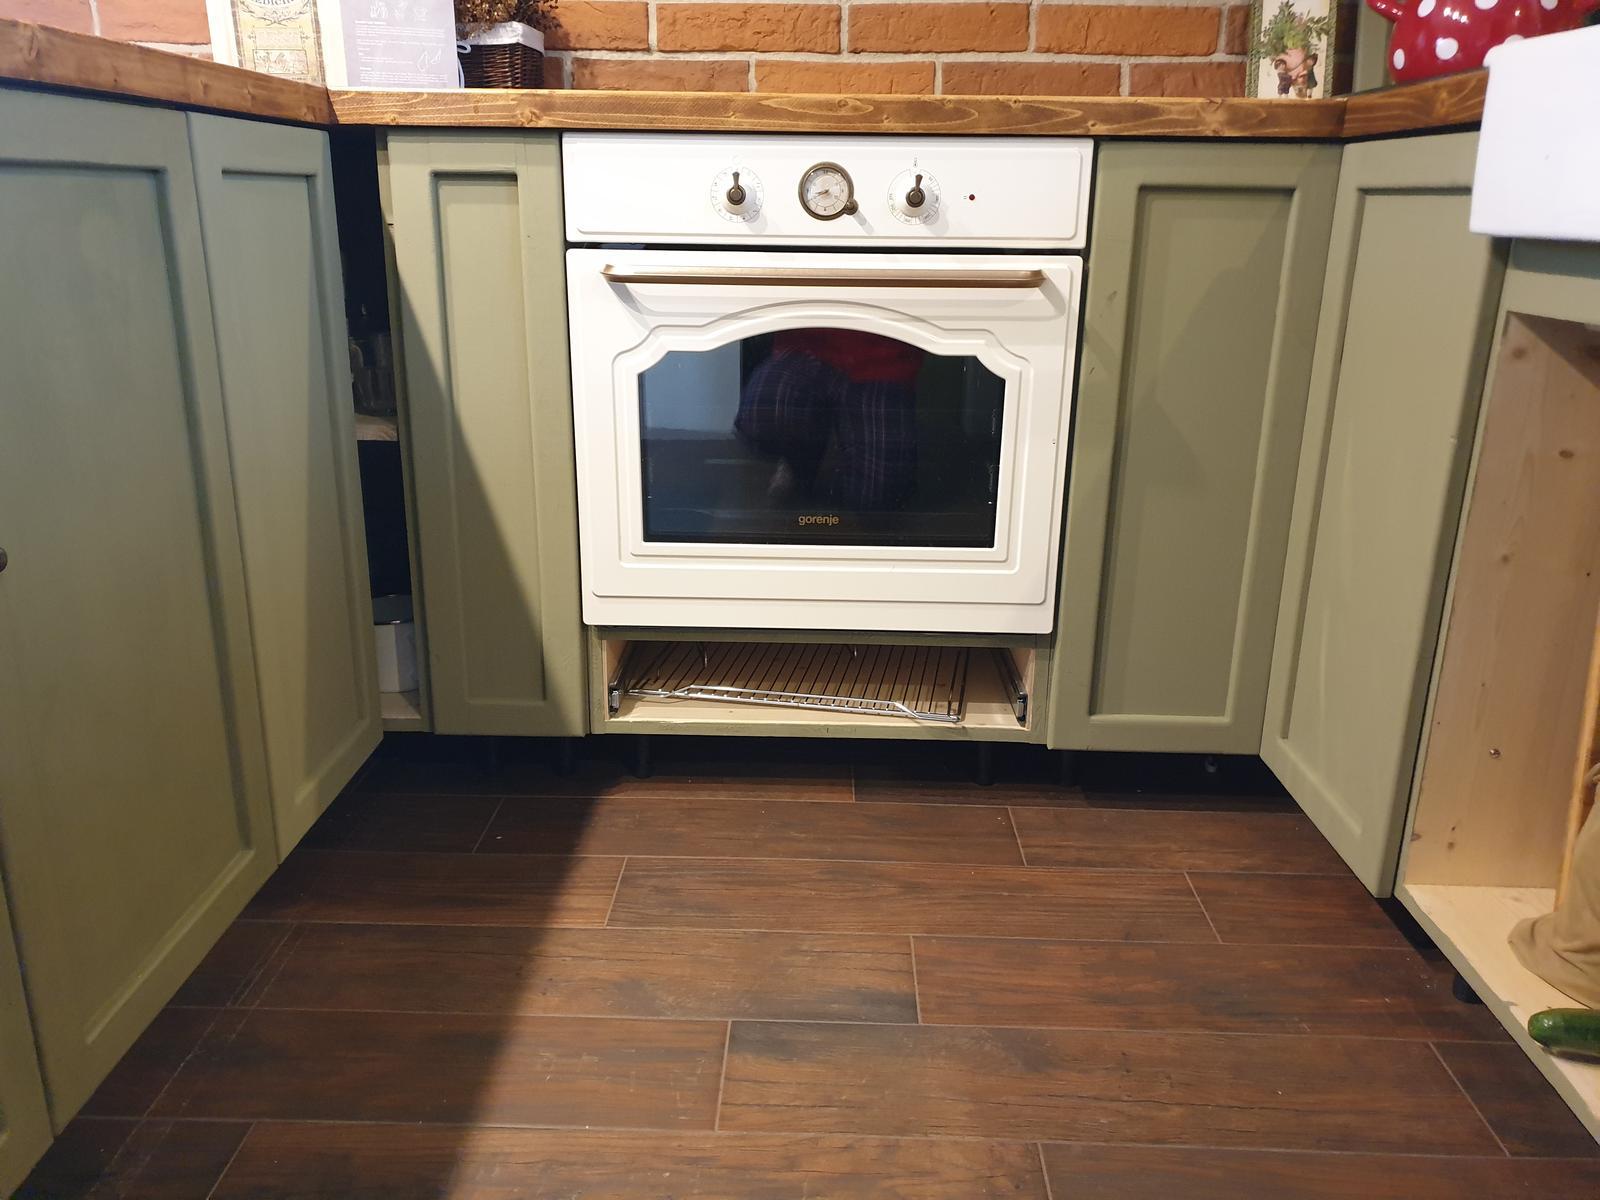 Kuchyňa svojpomocne - Včera som spravil ďalšie 3 dvierka. Jedny sú rohové (skladané)